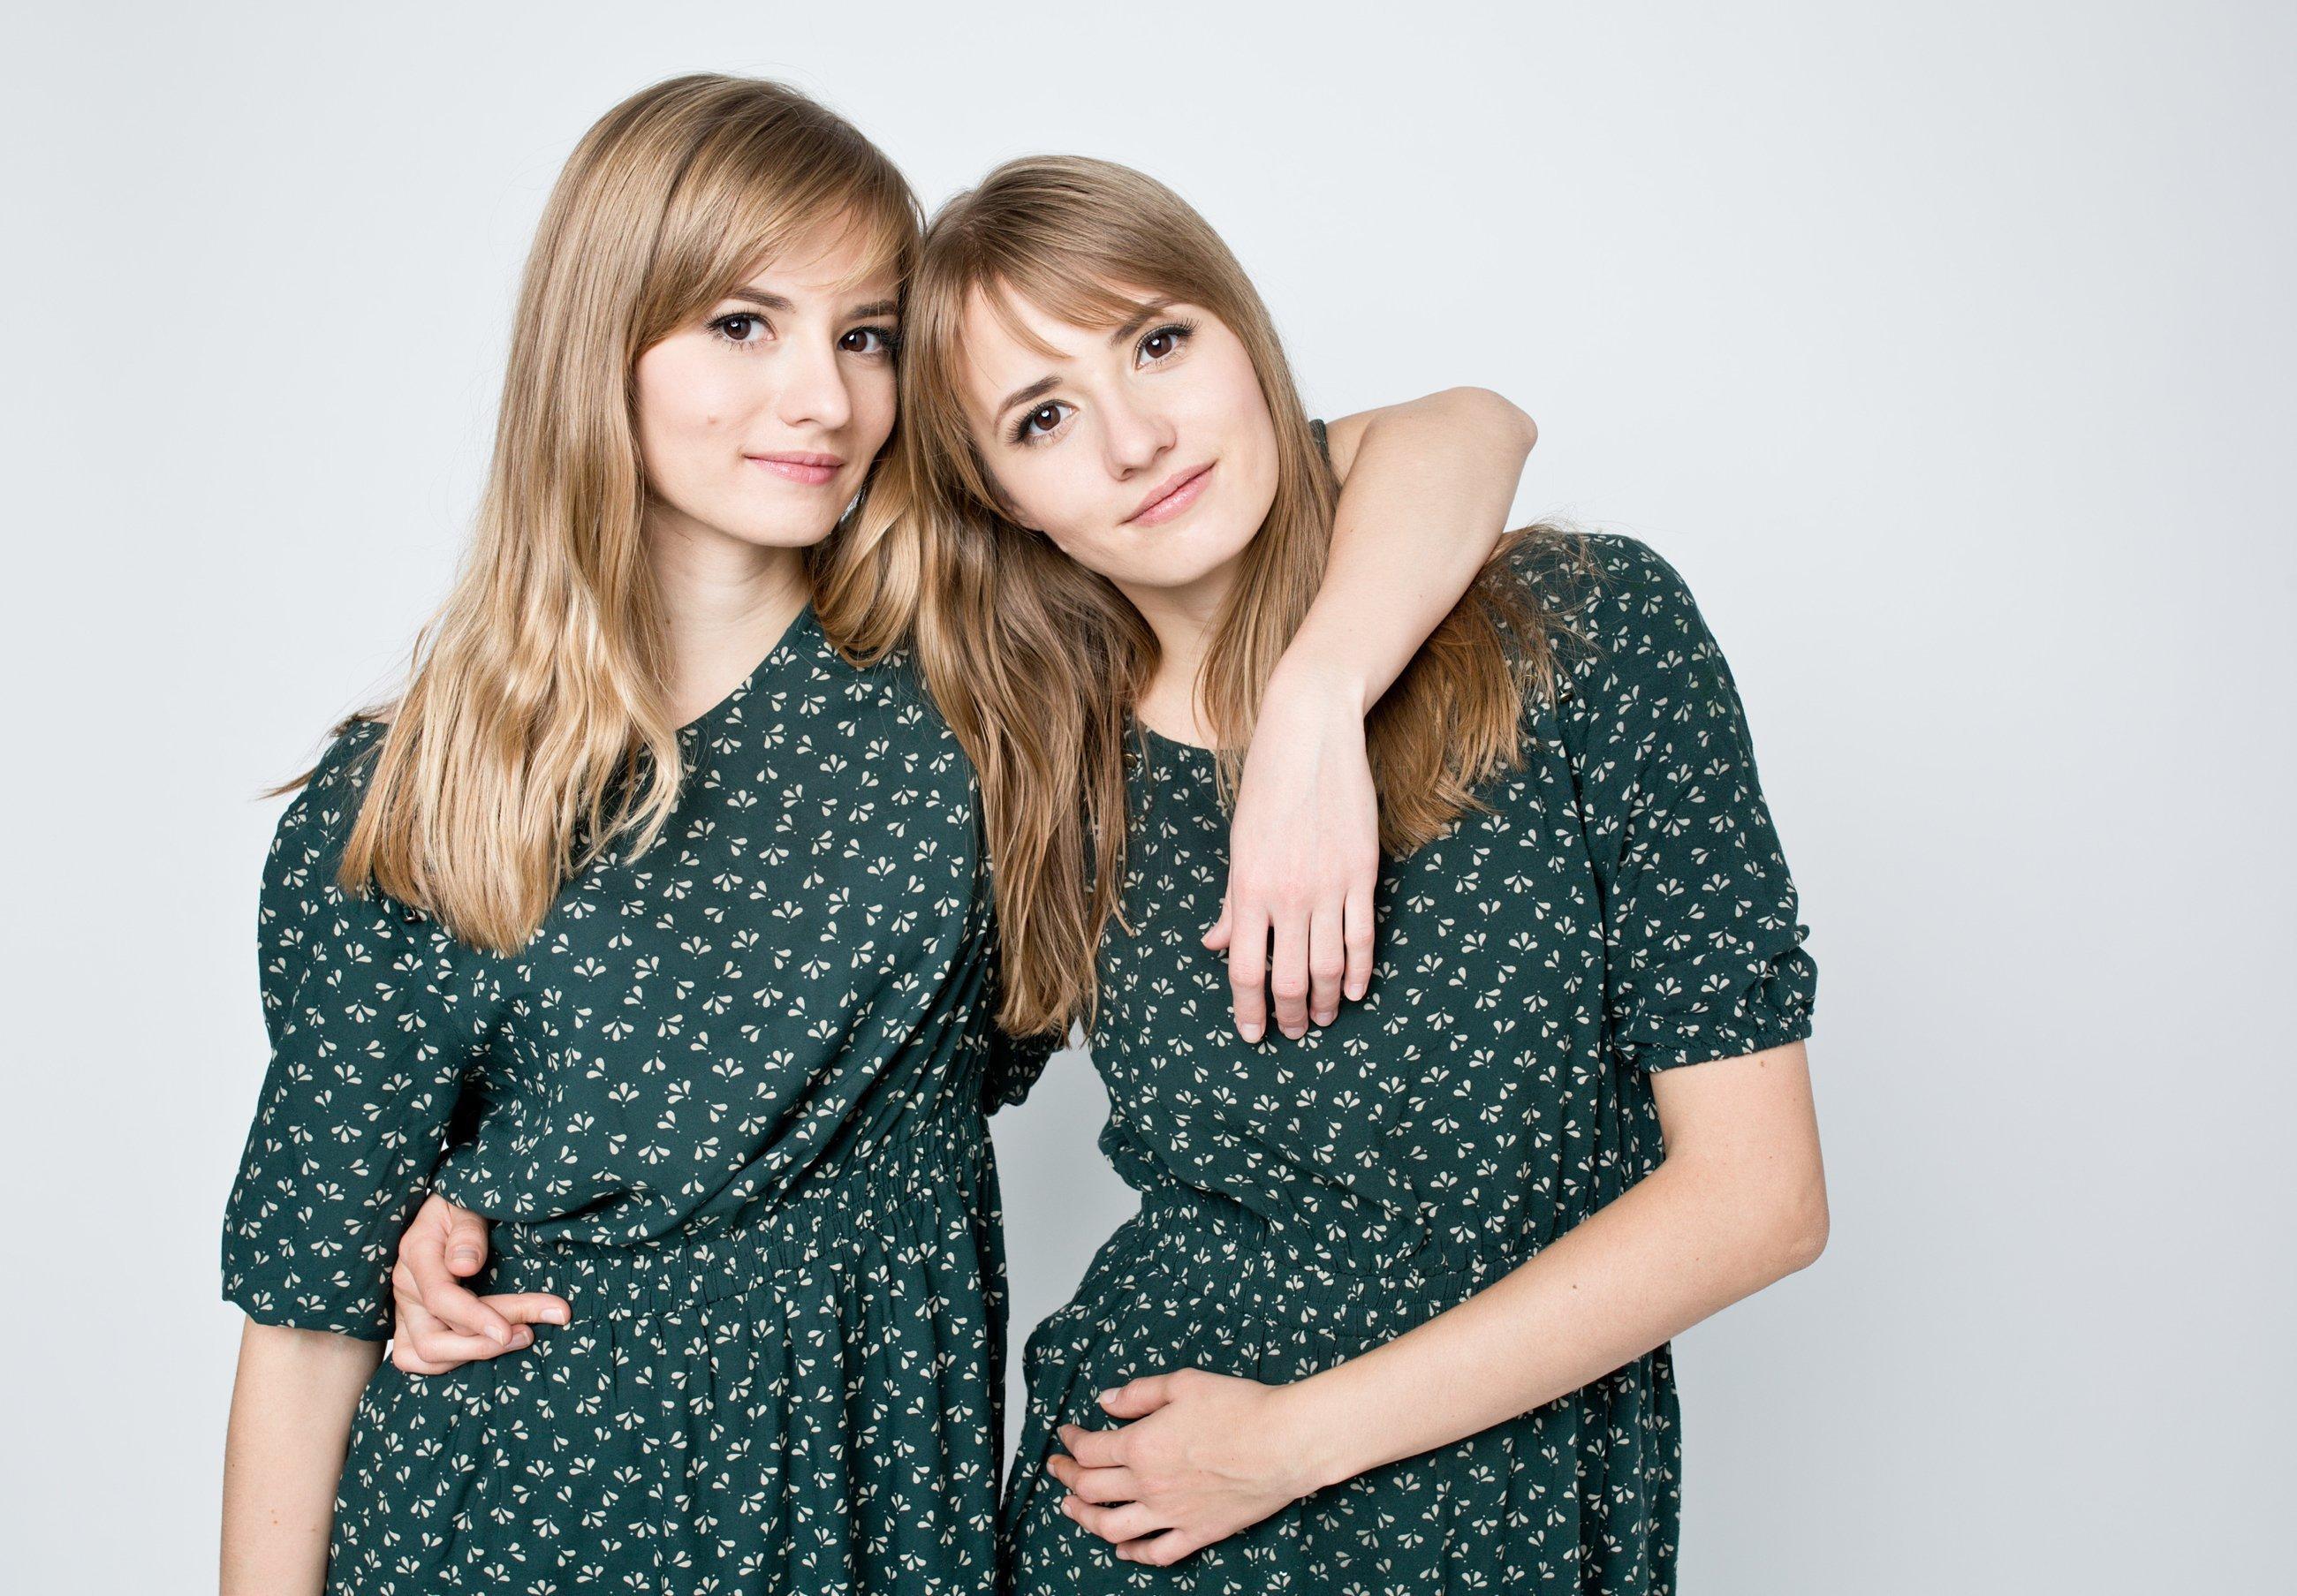 Zwei eineiige Zwillinge in den Zwanzigern. Sie sehen sich sehr ähnlich.